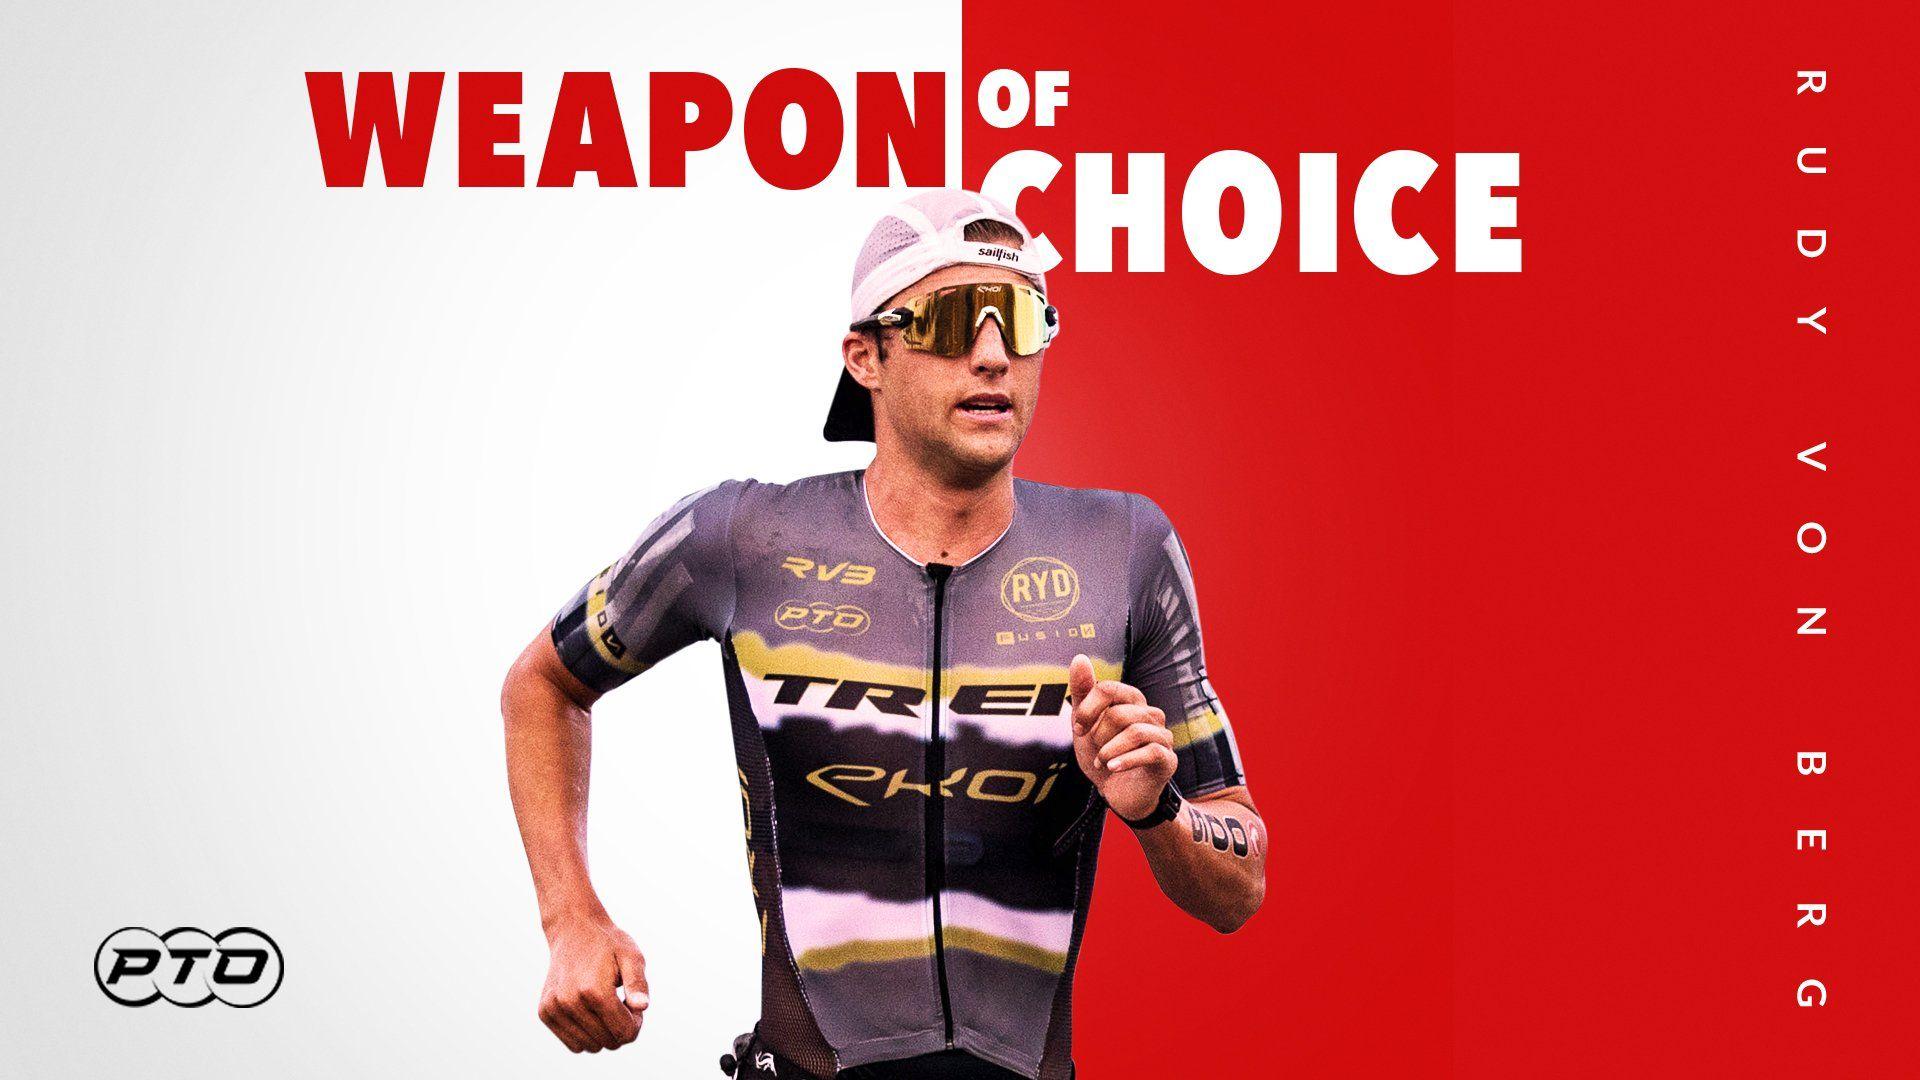 Weapon of Choice || Rudy von Berg